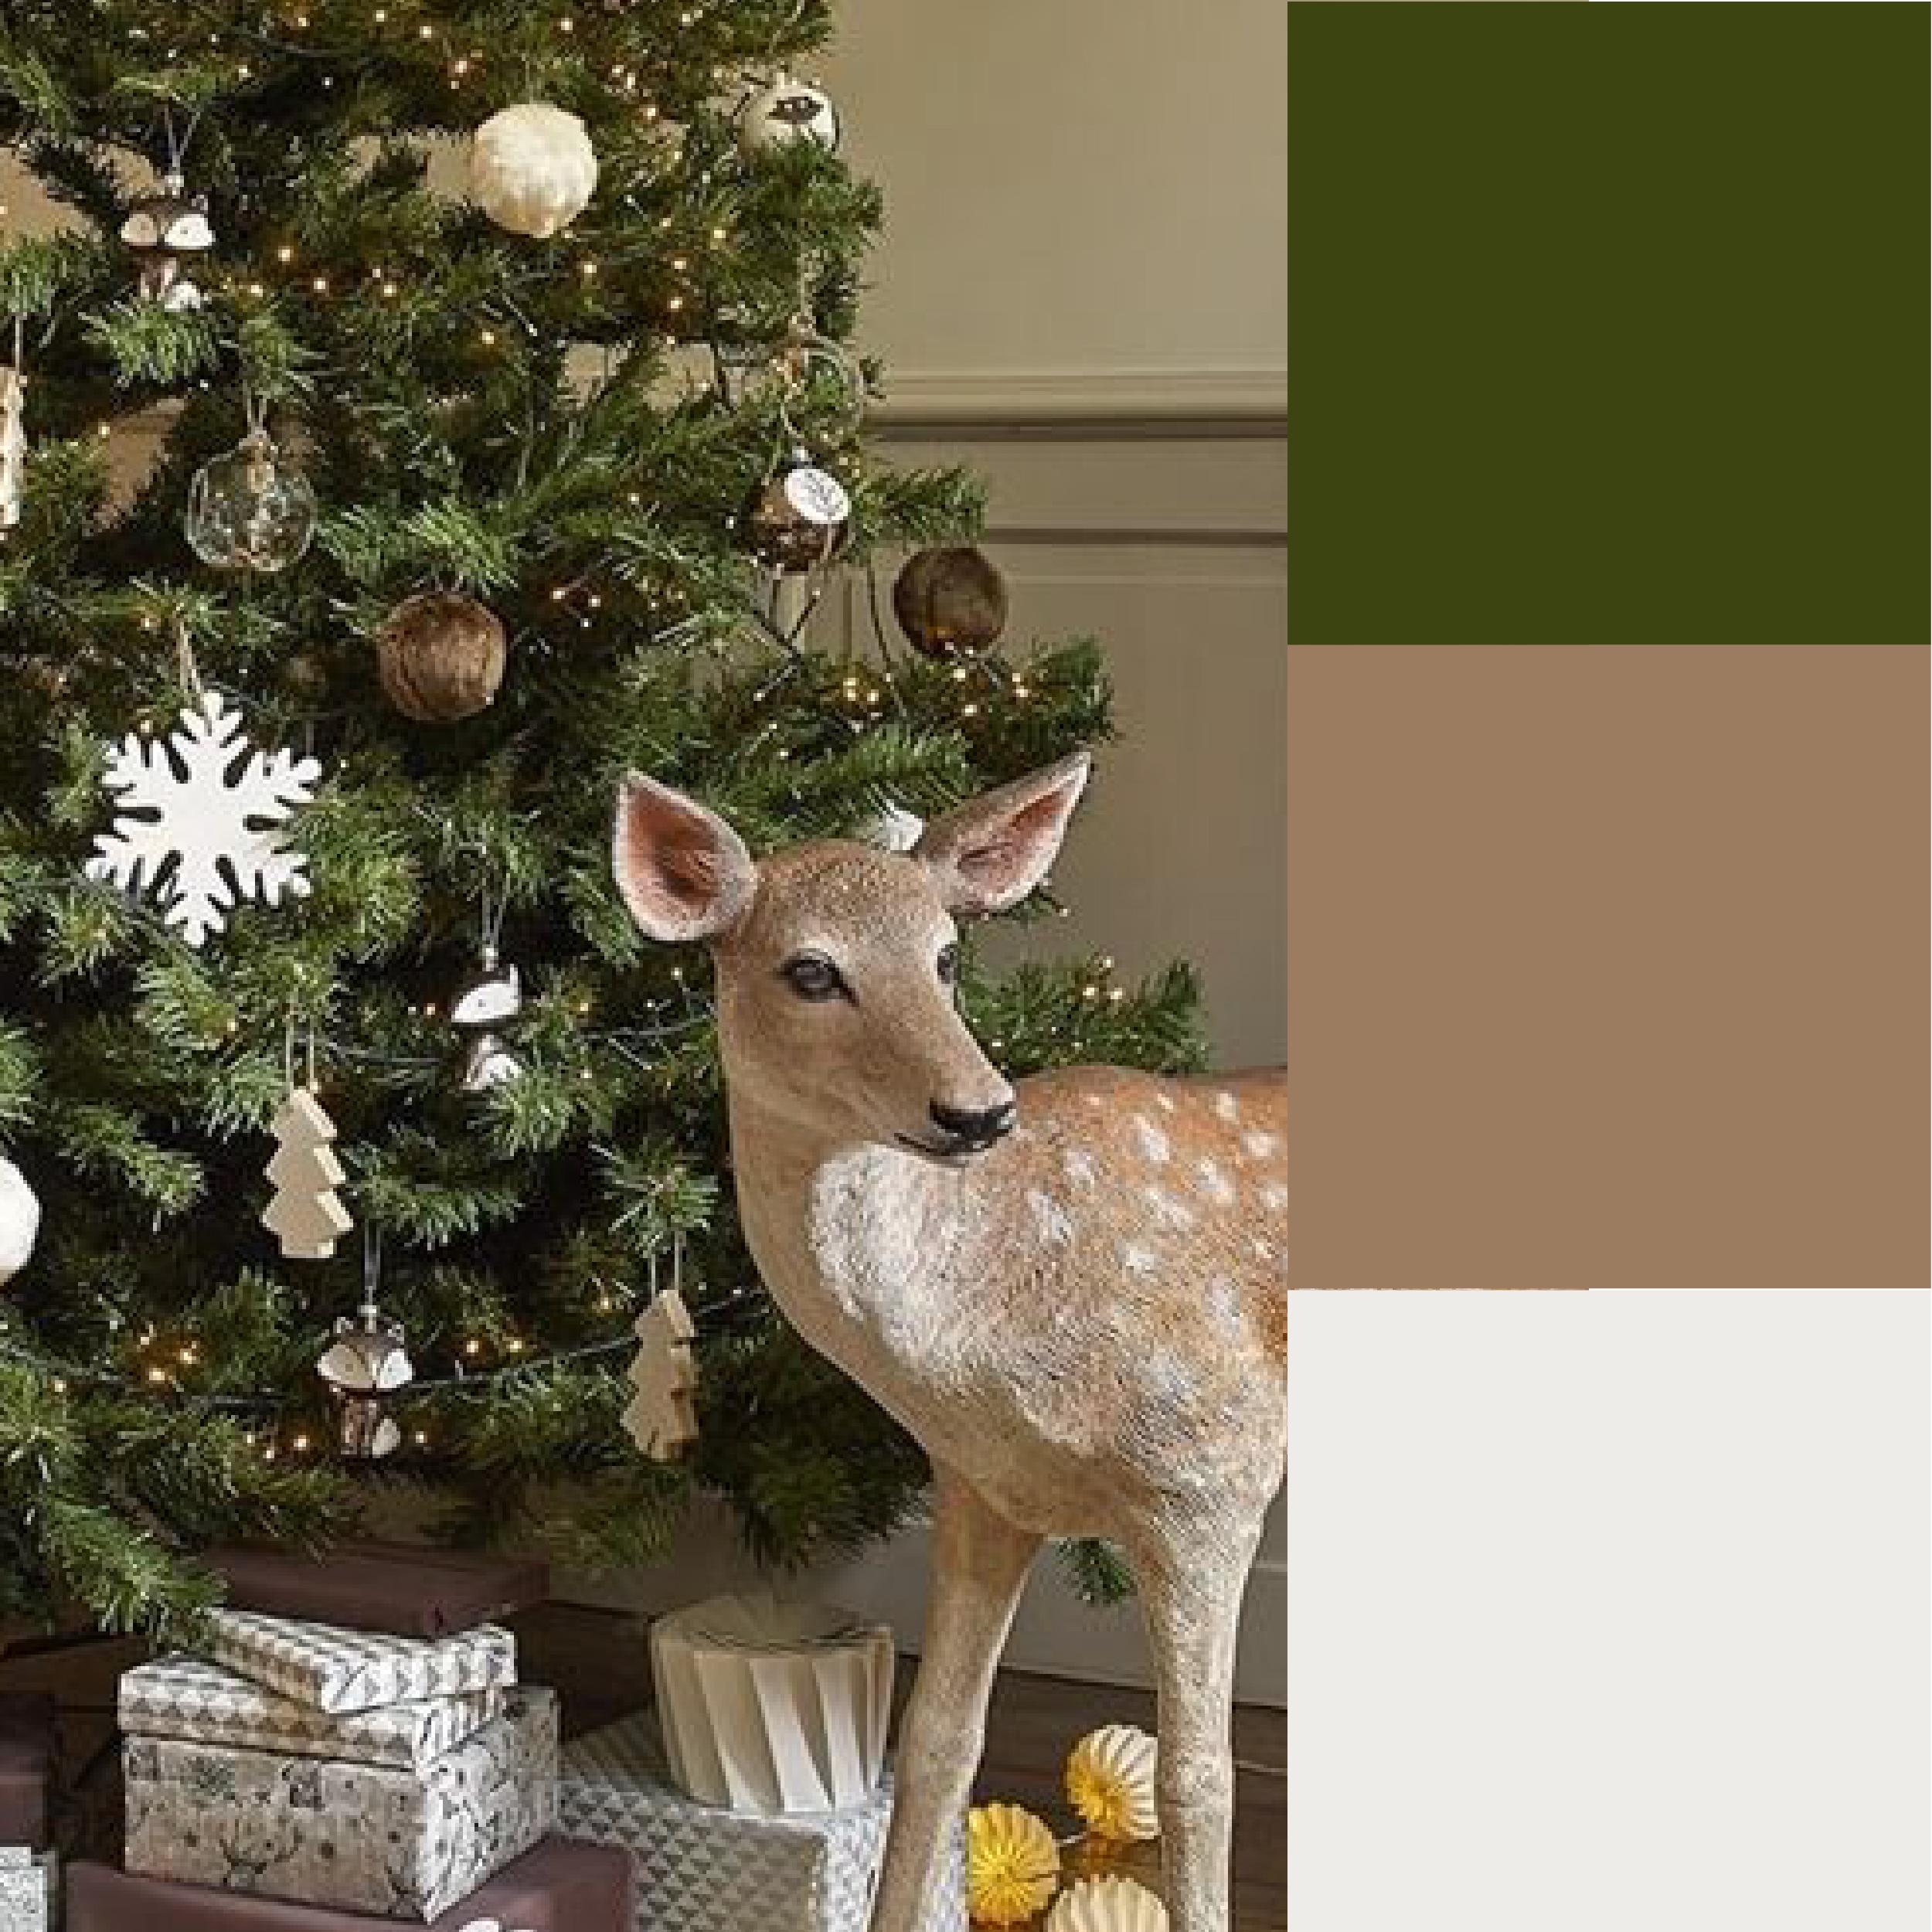 Decorazioni Natalizie Tavola.5 Idee Per Apparecchiare La Tavola Di Natale La Regina Di Battipaglia